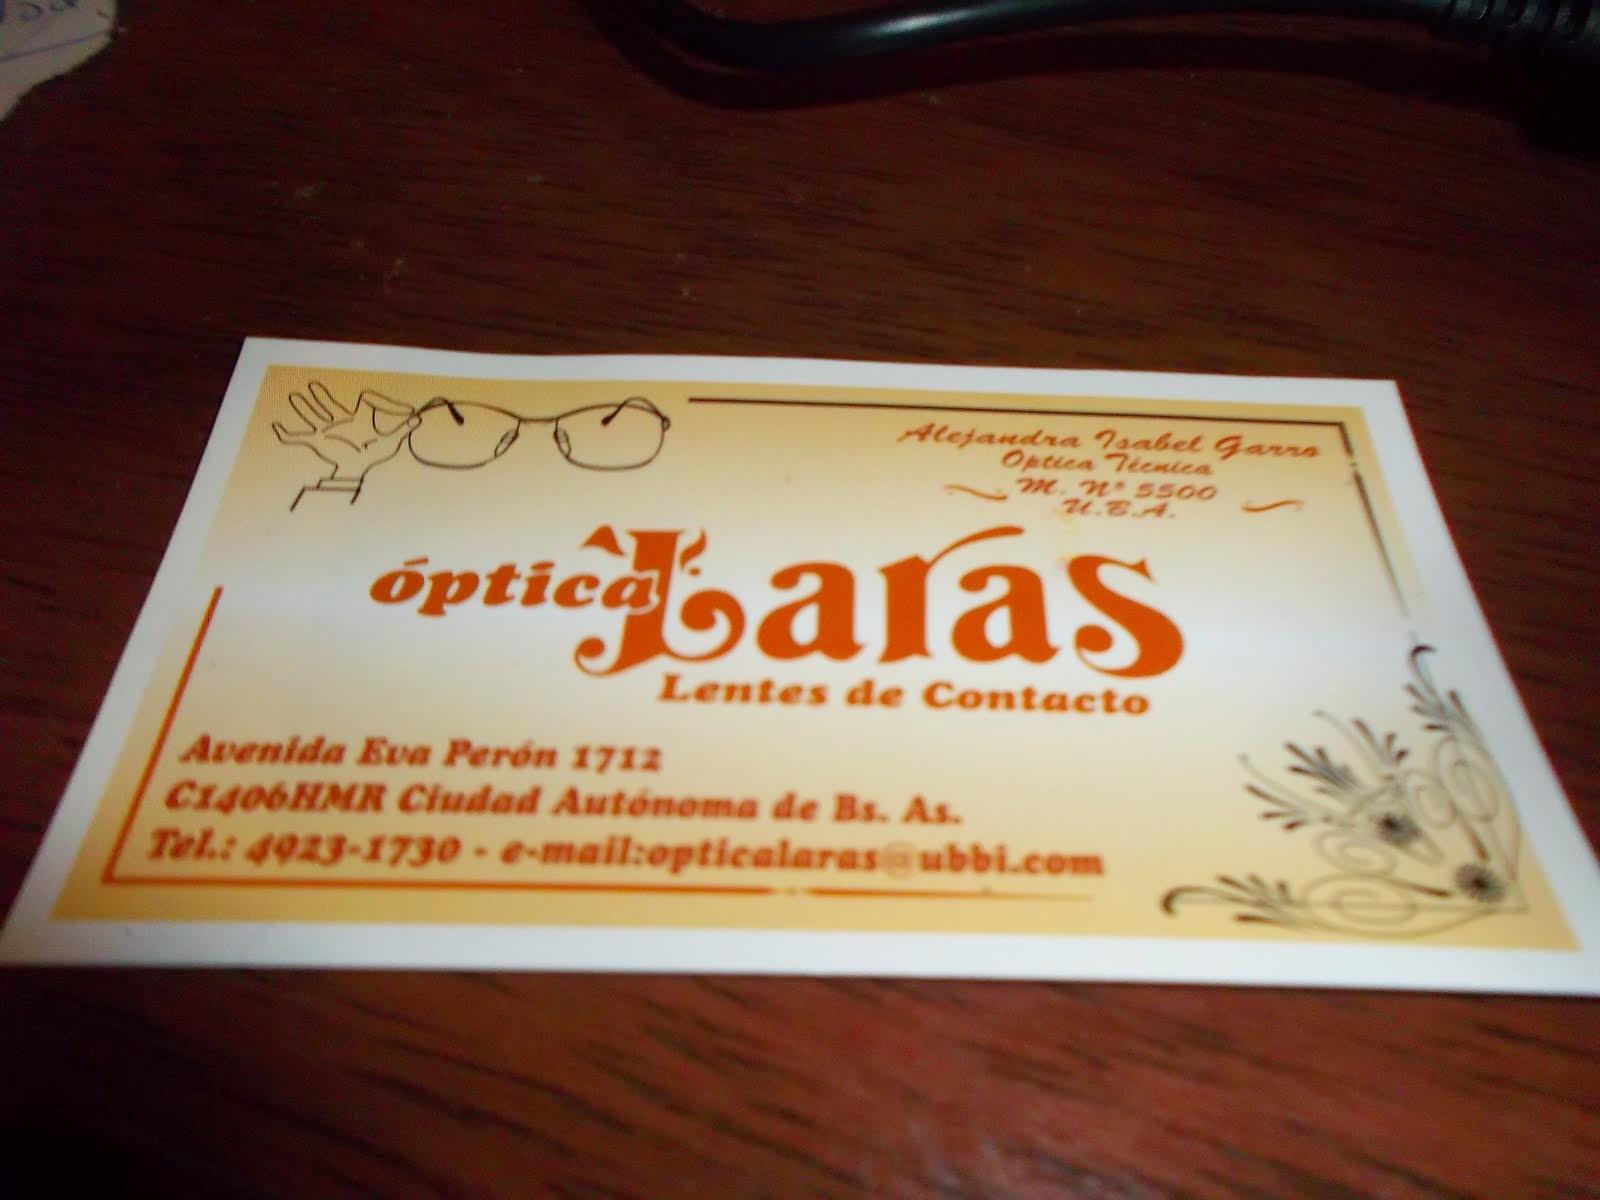 ÓPTICA LARA'S